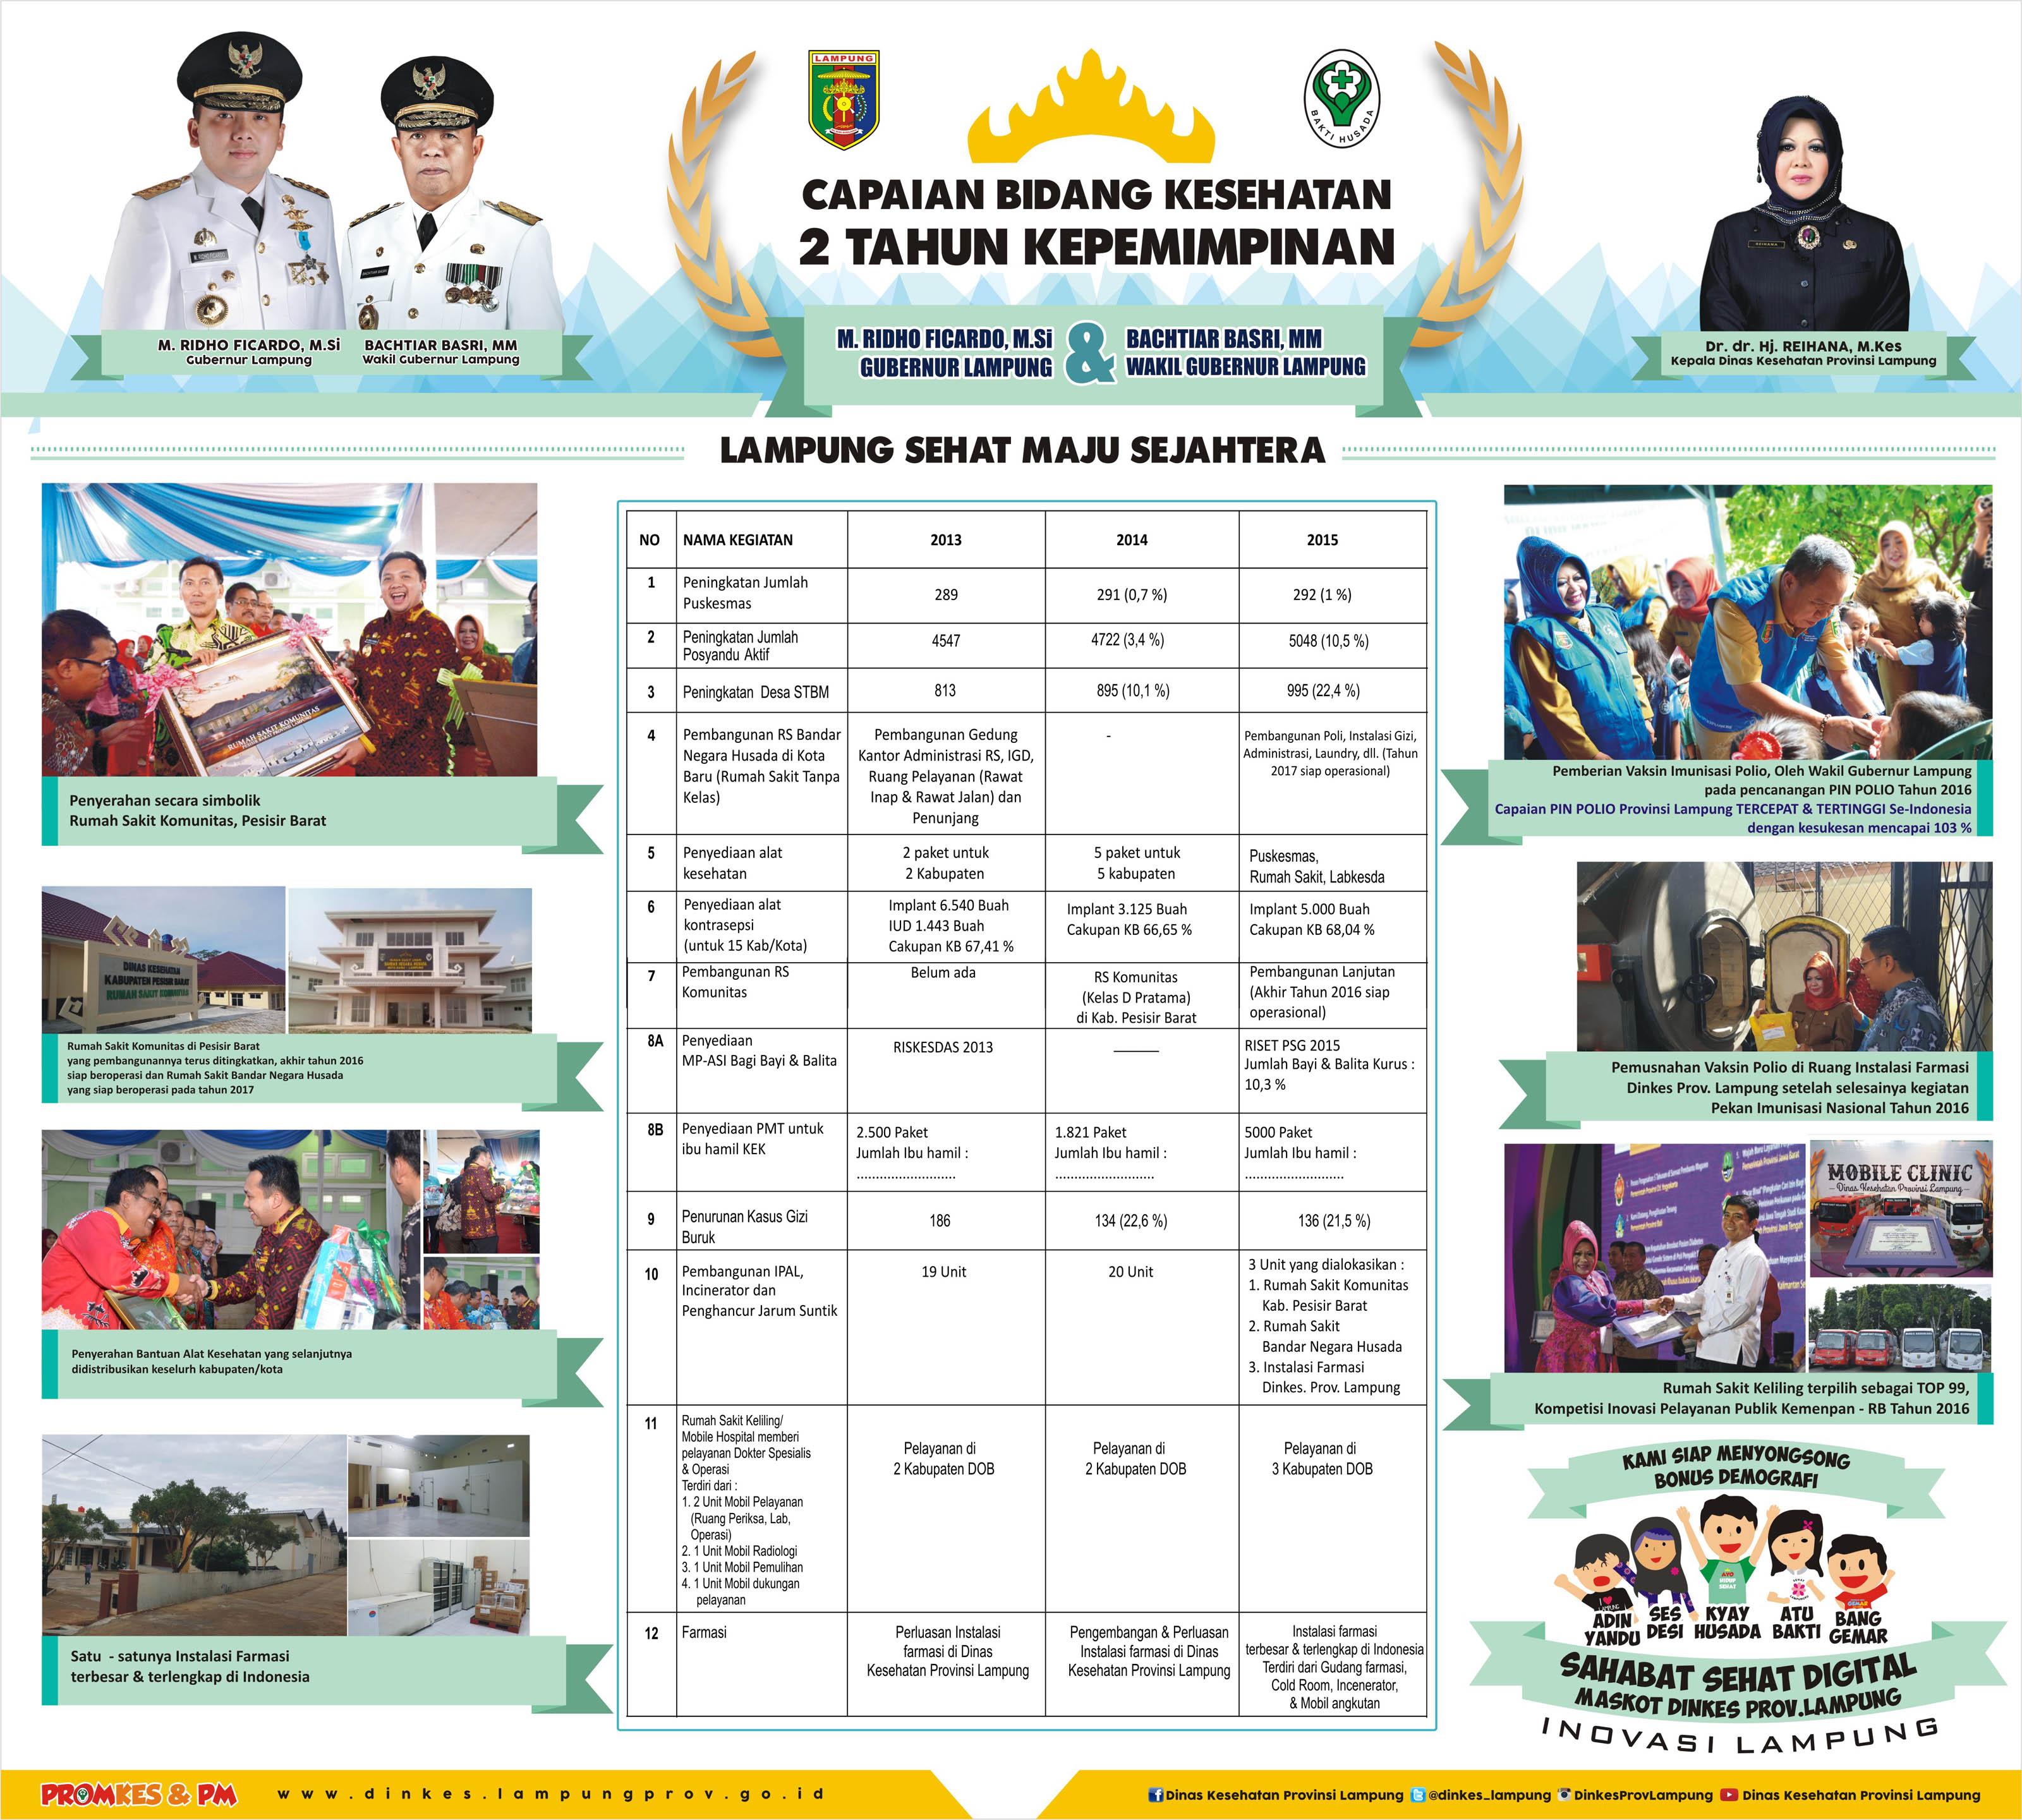 Capaian Bidang Kesehatan : 2 Tahun Kepemimpinan Gubernur & Wakil Gubernur Lampung